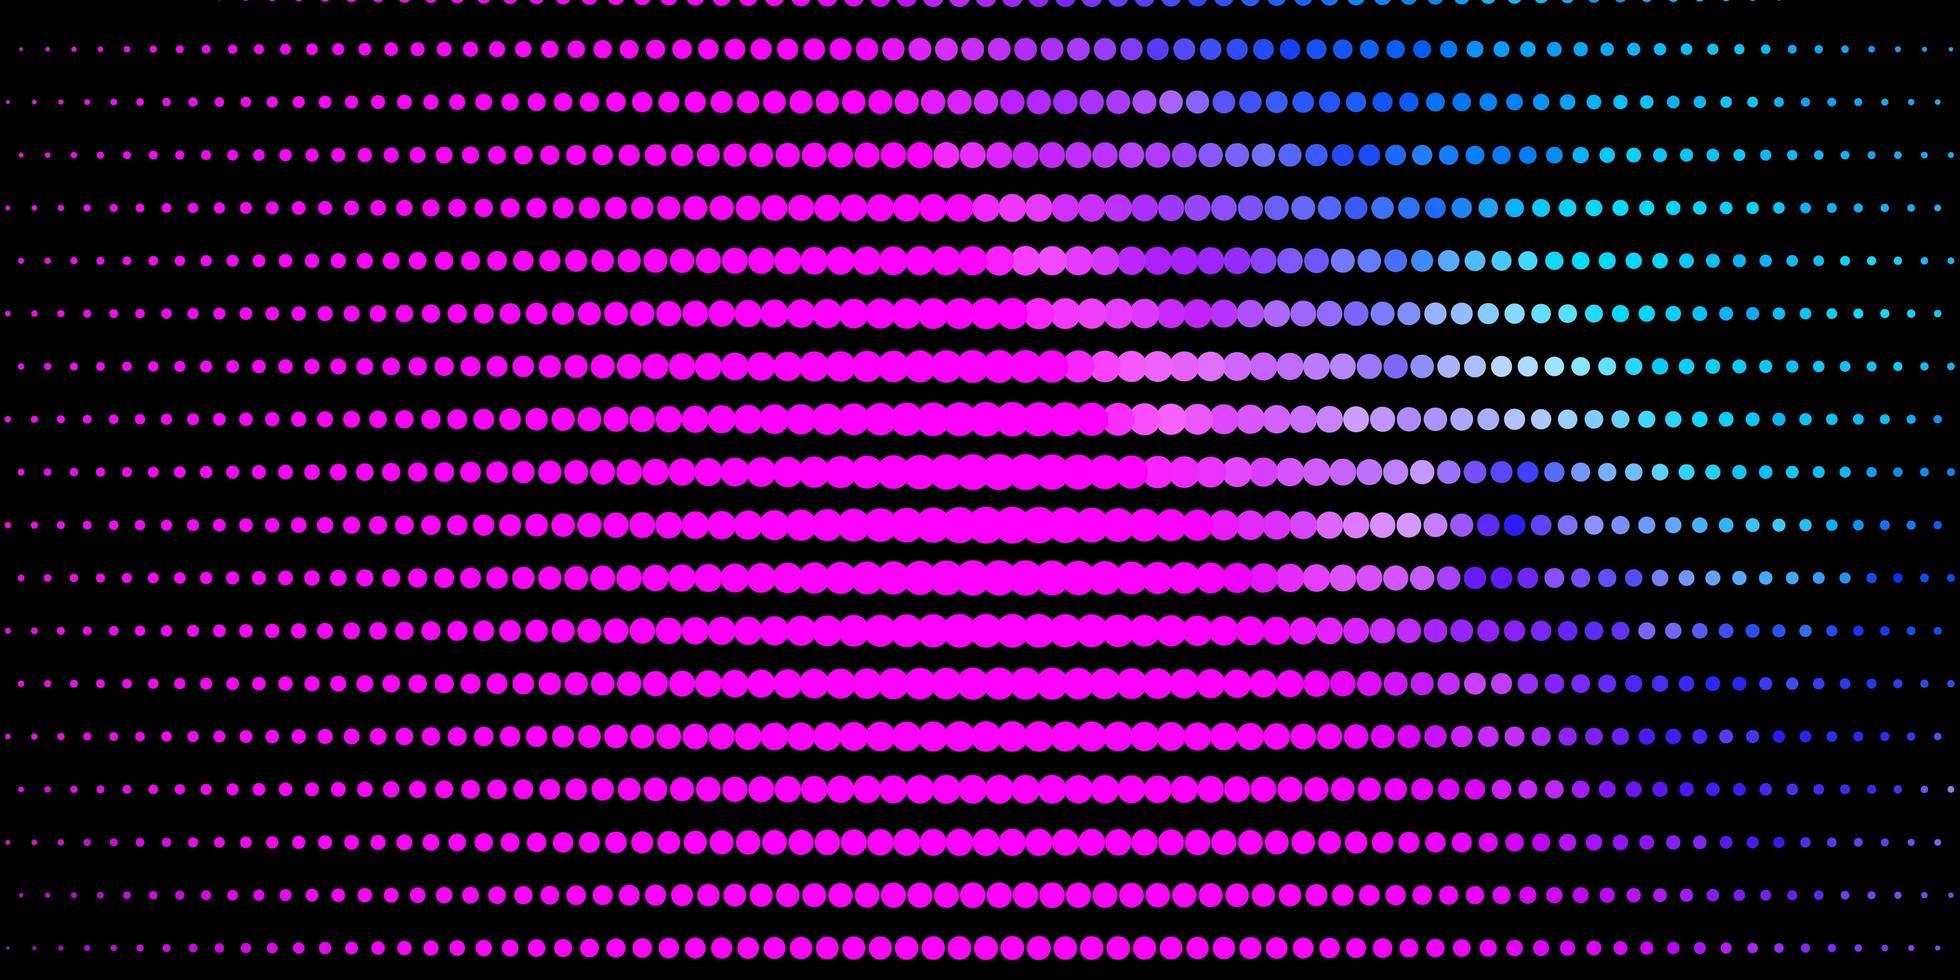 fond rose et bleu avec des cercles. vecteur